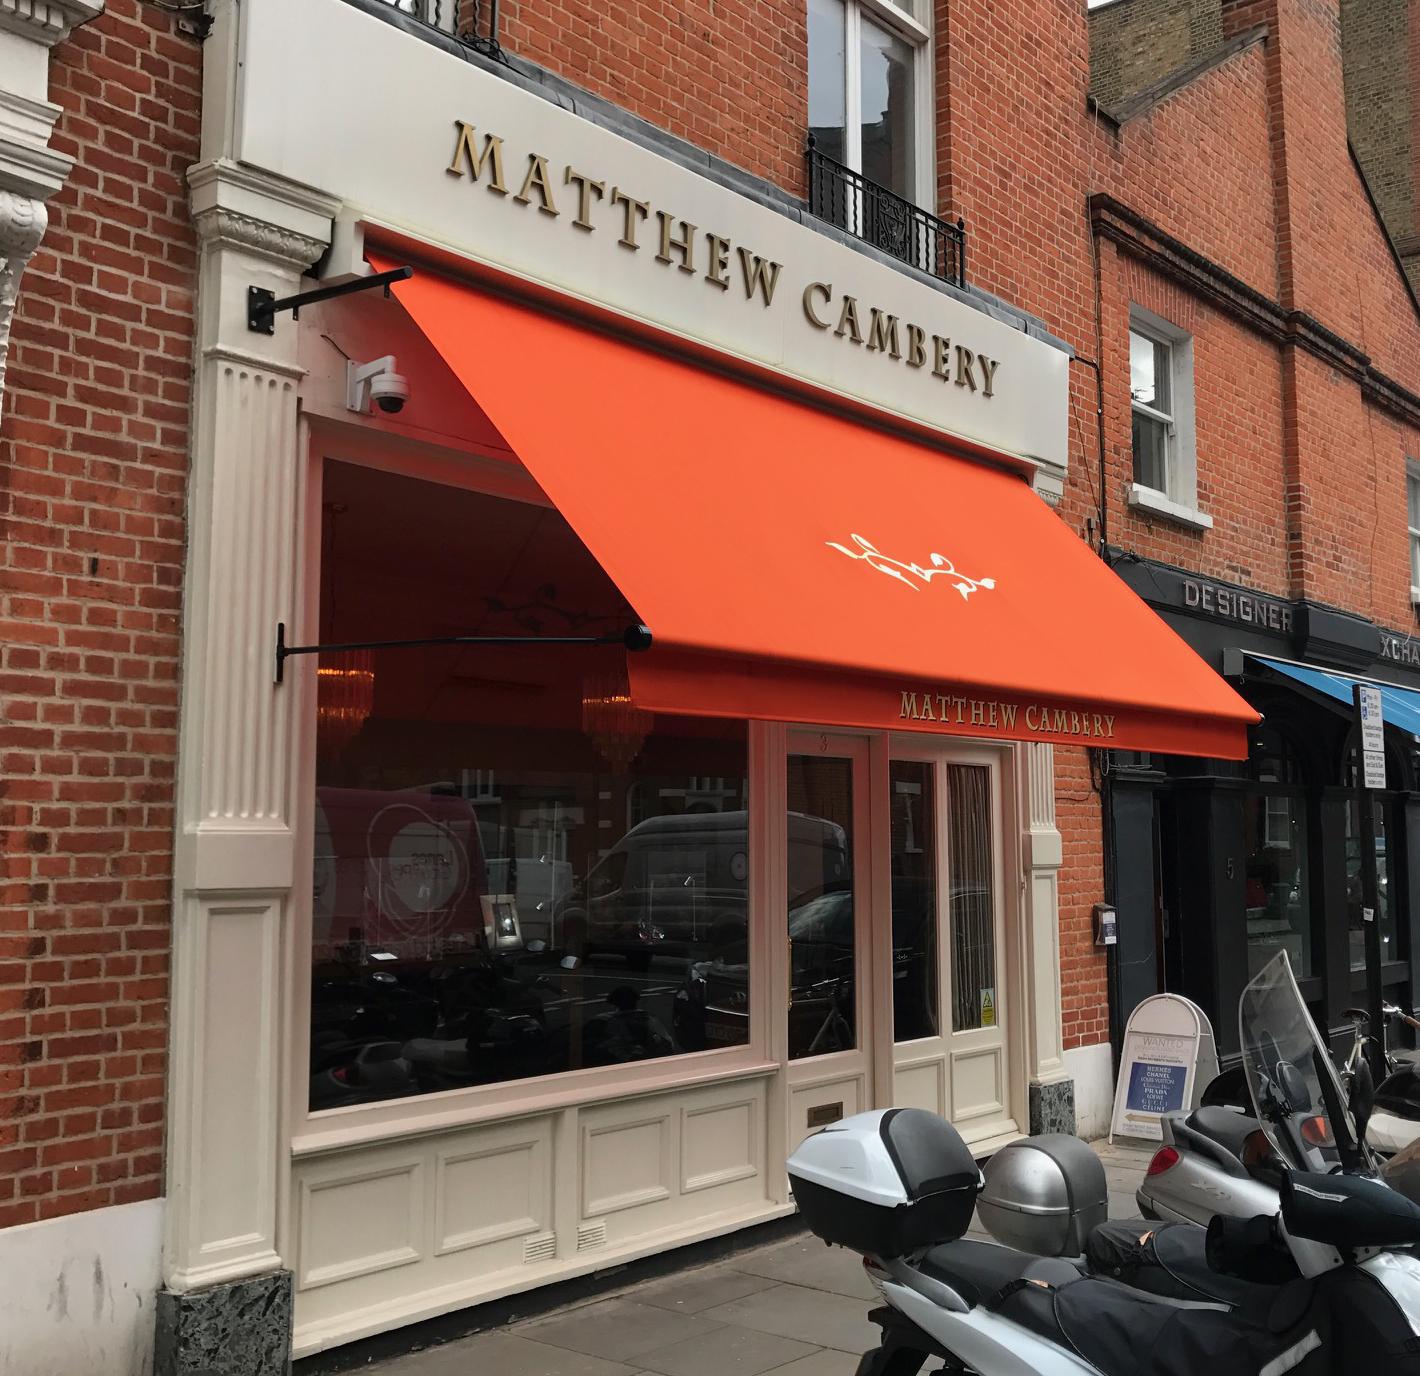 Matthew Cambery Greenwich awning